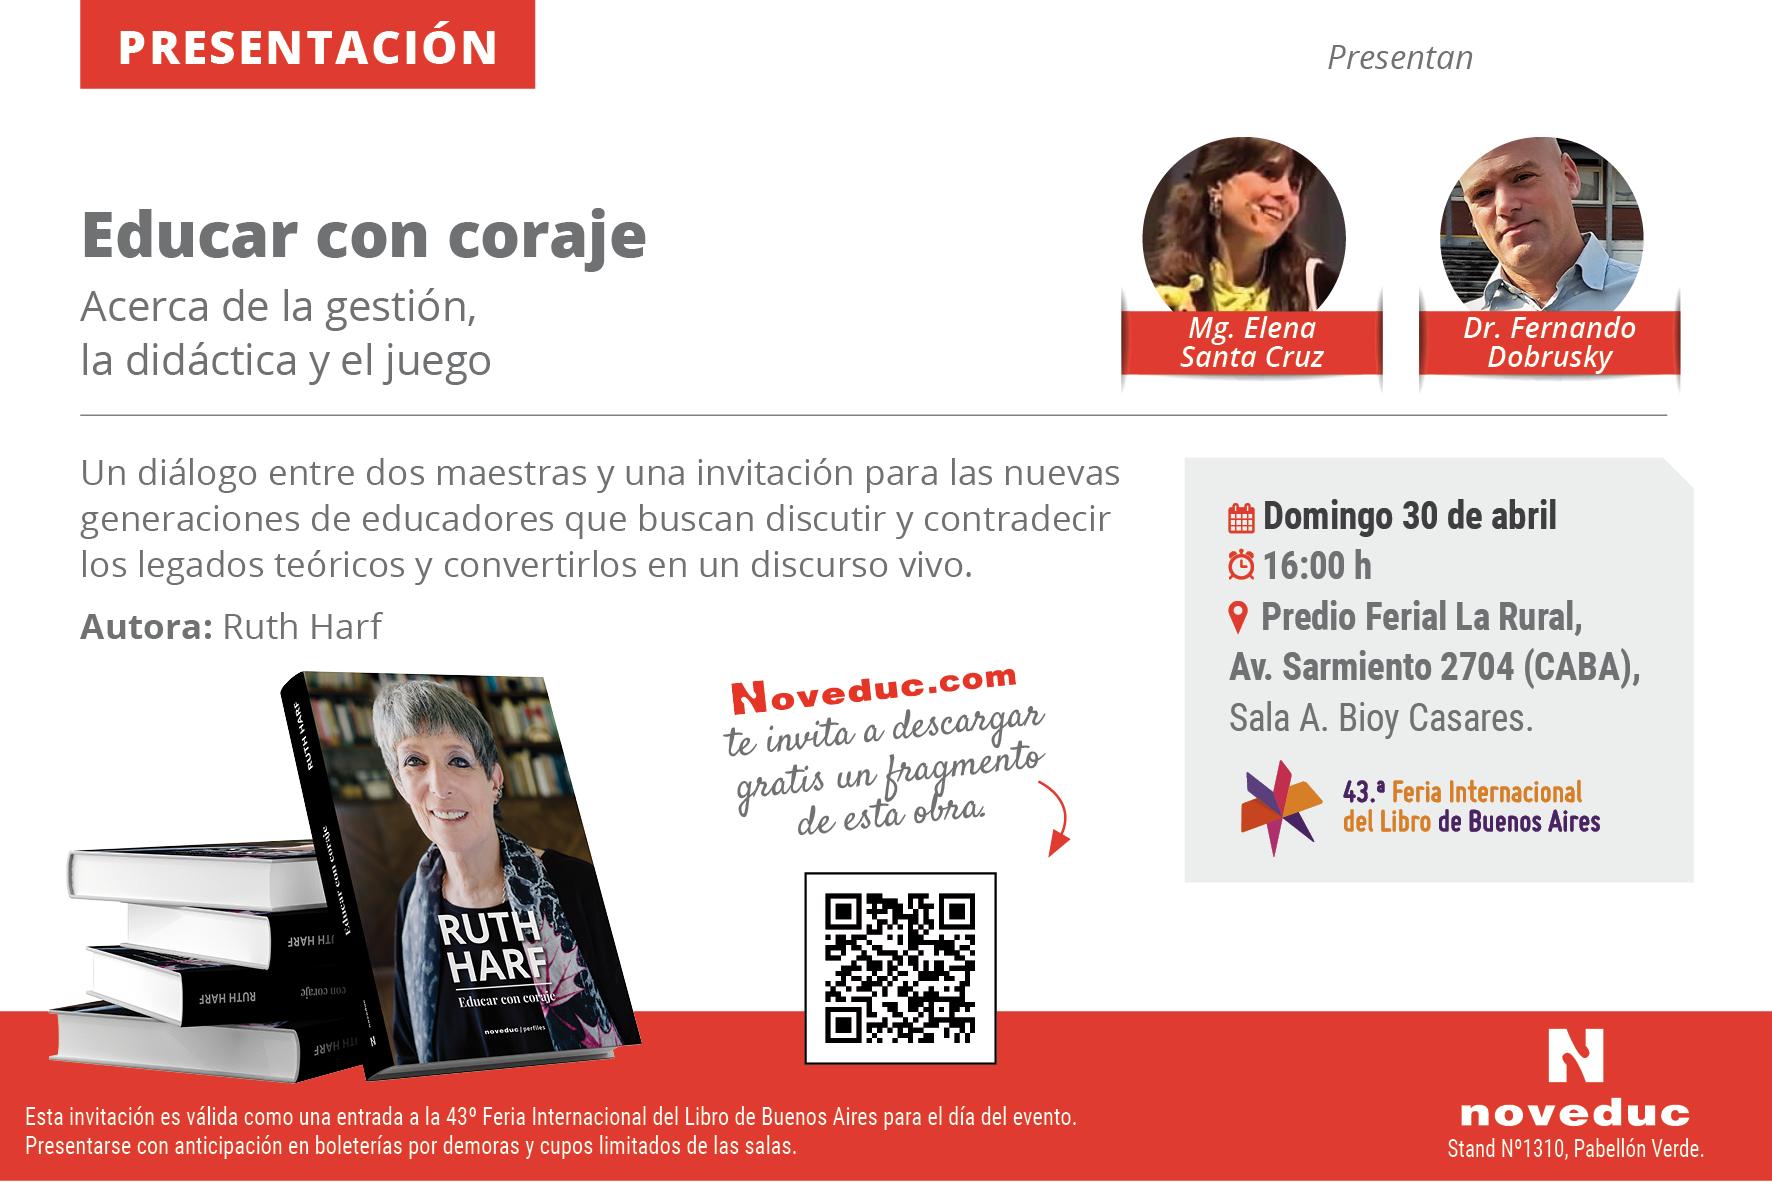 Ruth Harf presenta su libro «Educar con coraje». Te esperamos en la Feria del Libro!